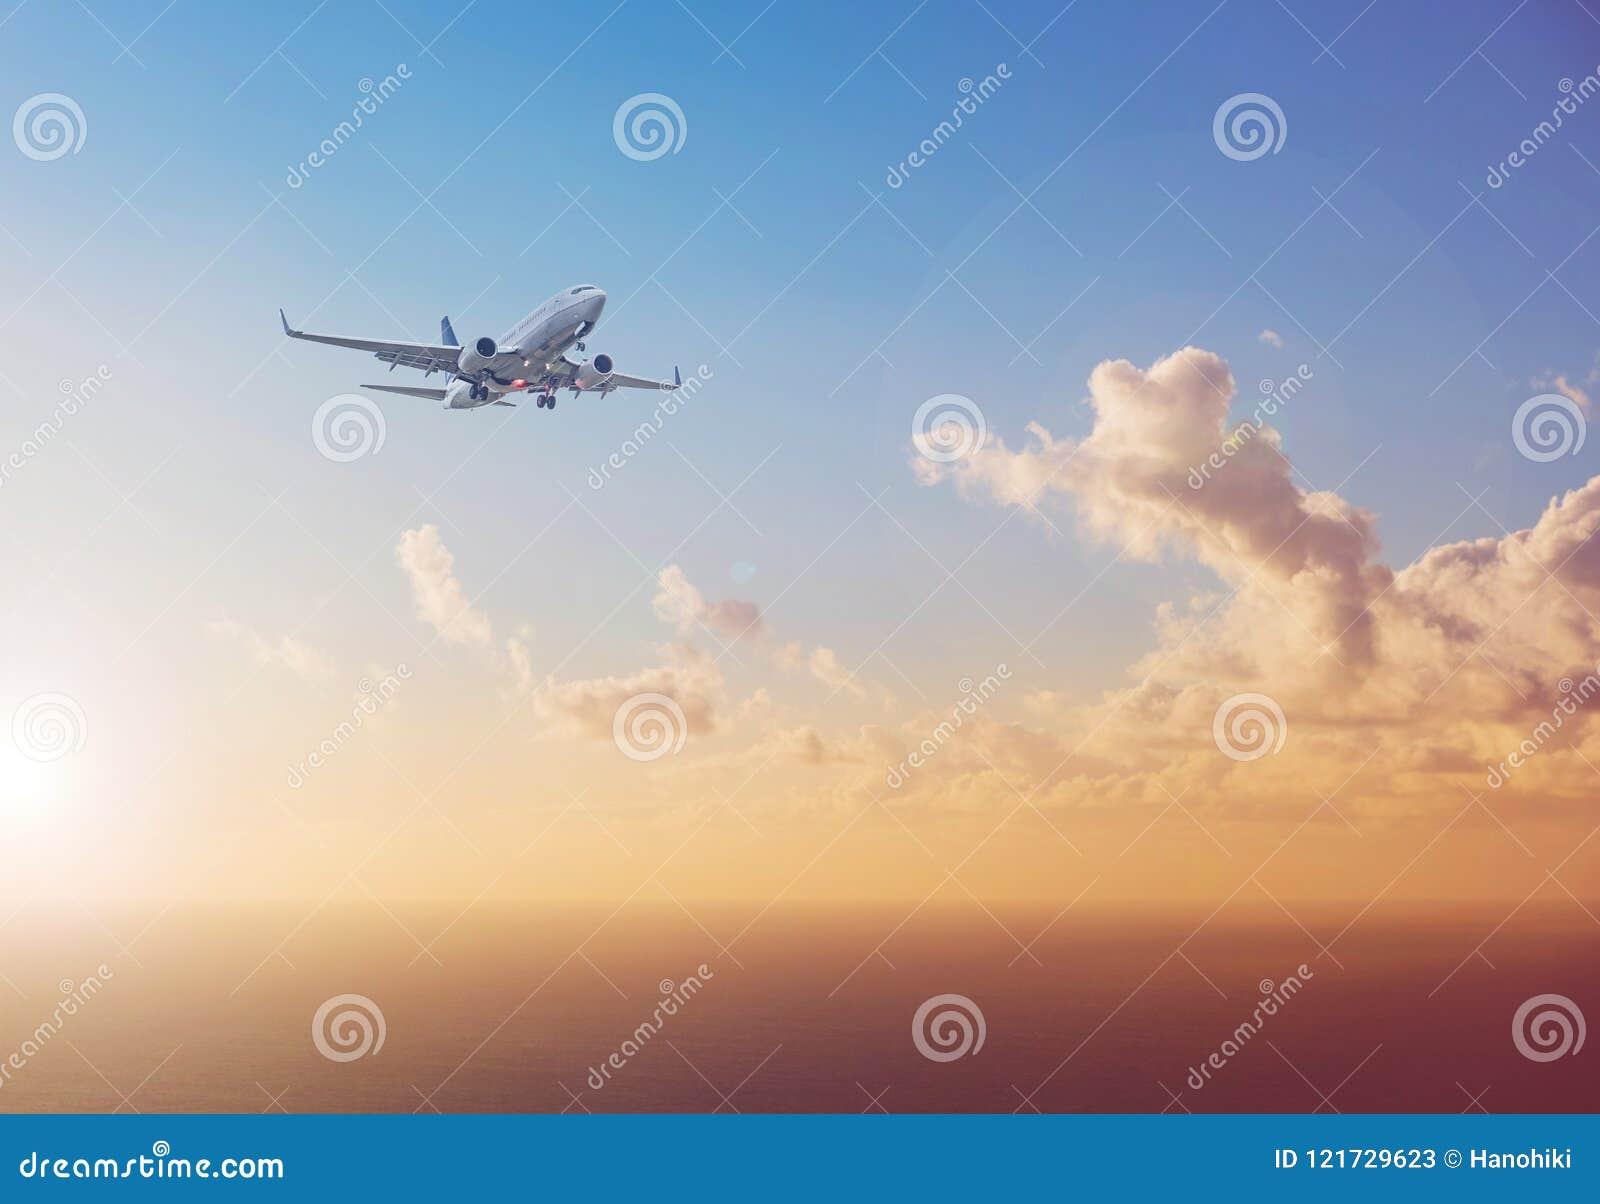 Vuelo del aeroplano sobre el océano con el fondo del cielo de la puesta del sol - trav